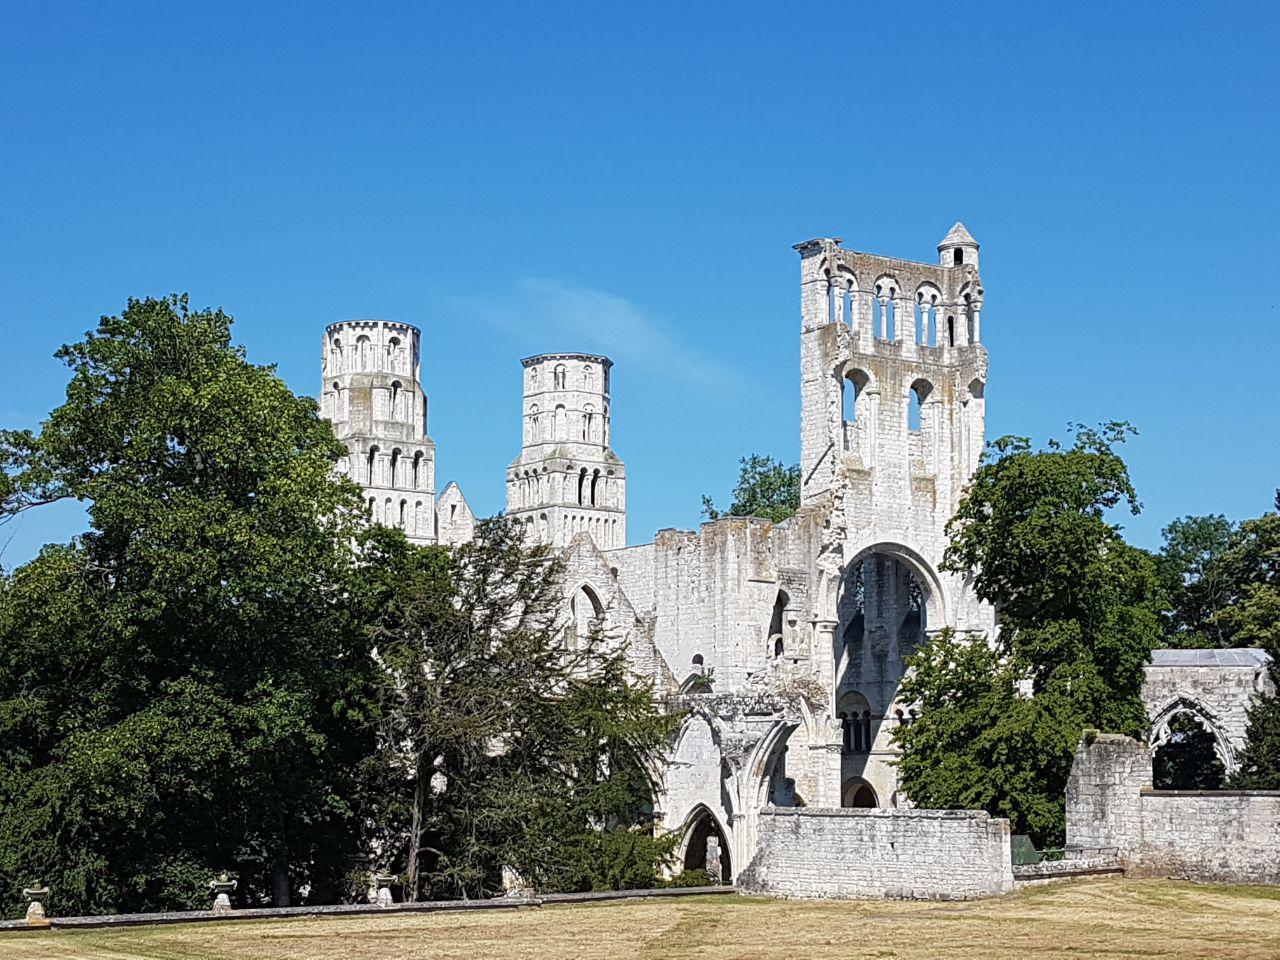 אתר העתיקות היפה בצרפת. המנזר בז'ומיאג' (צילום: אחיה ראב